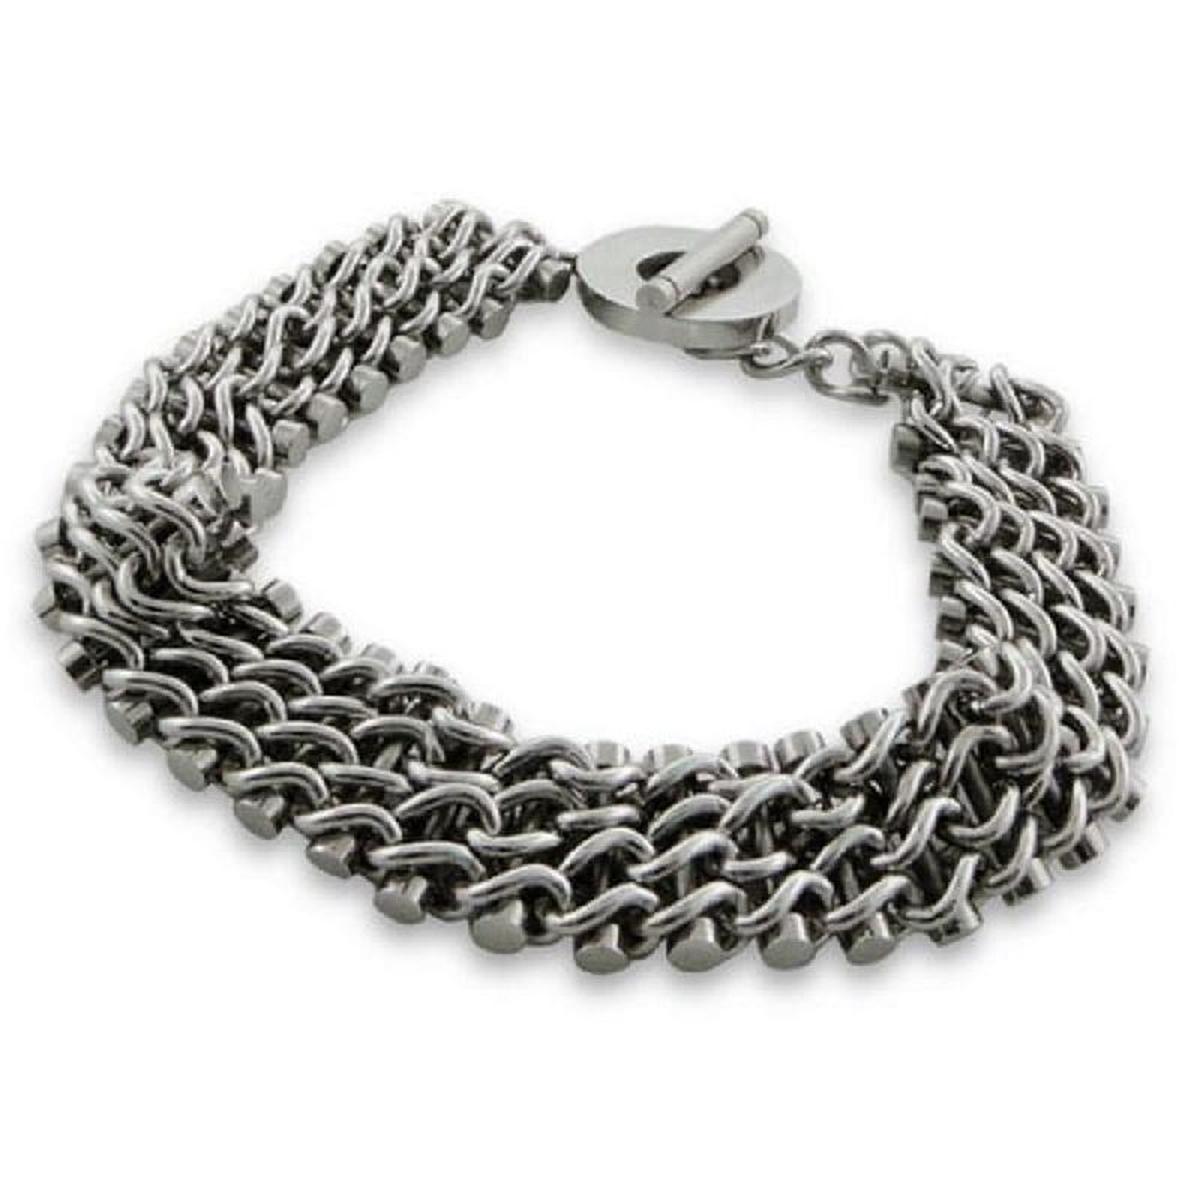 Bracelet 24 cm Chaîne Multiples Rangs Acier